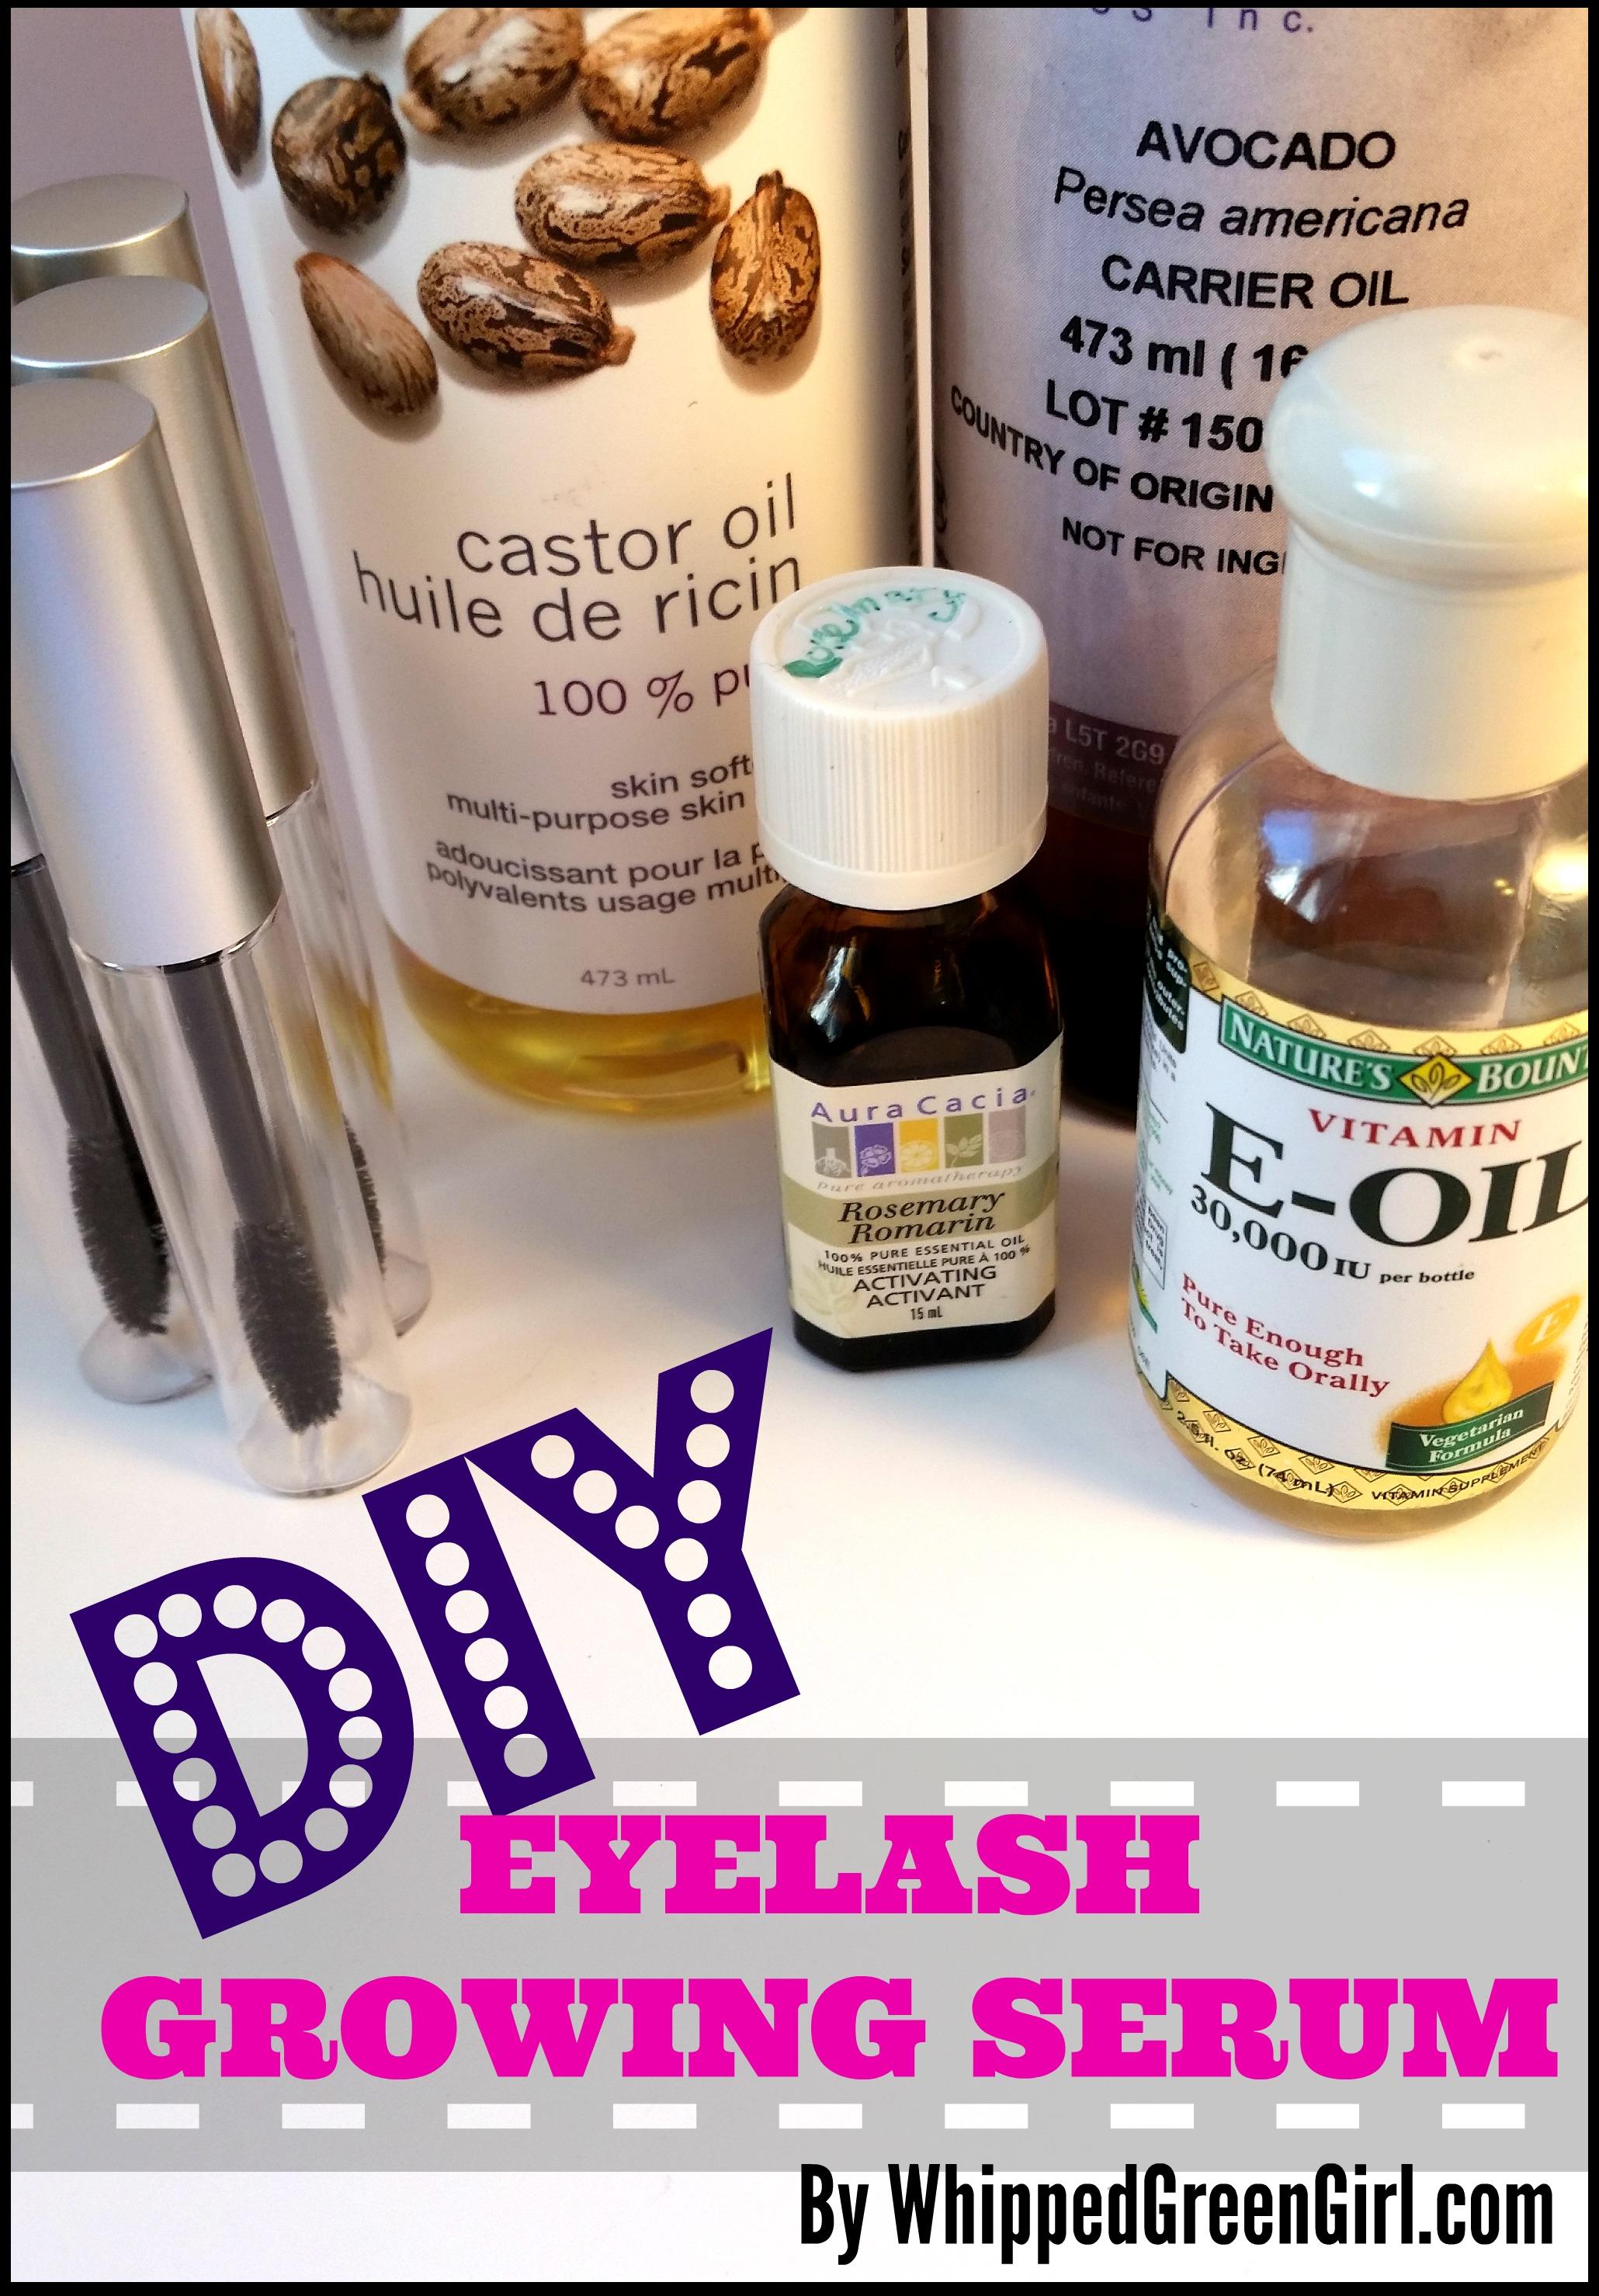 Diy Eyelash Growing Serum Whippedgreengirl Com